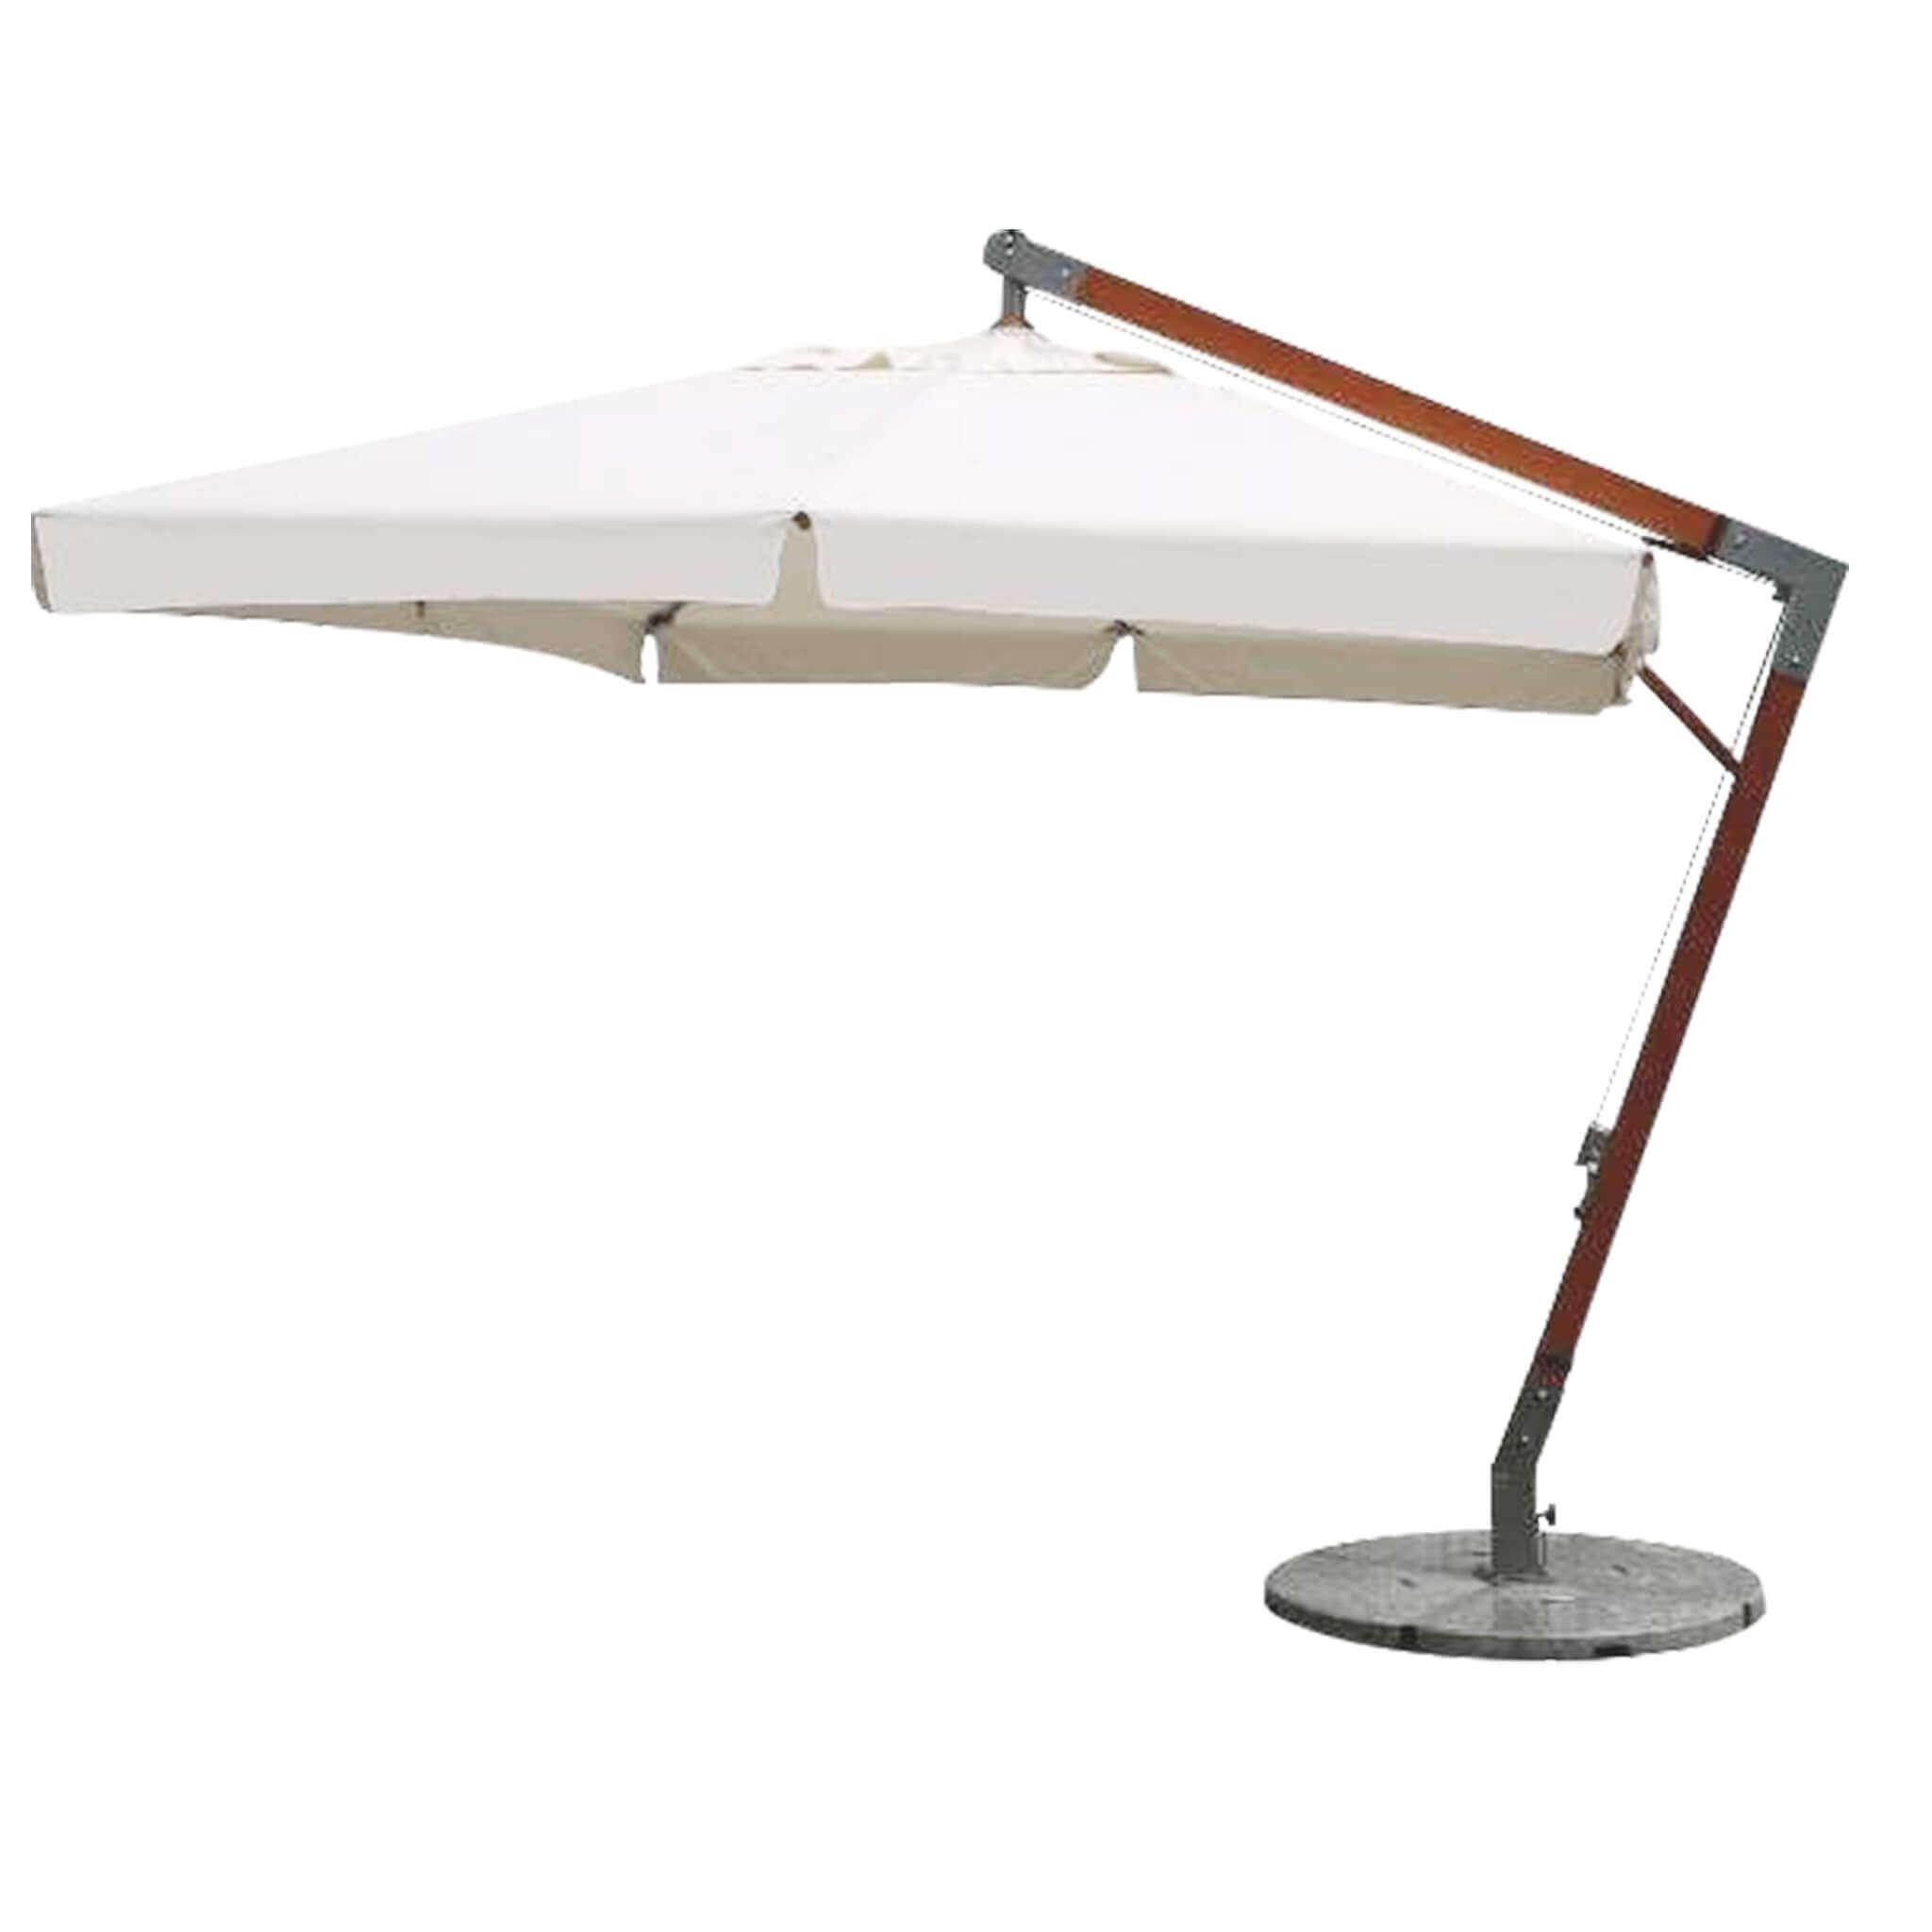 Milani Home VICTOR - ombrellone da giardino 3 x 4 decentrato in legno